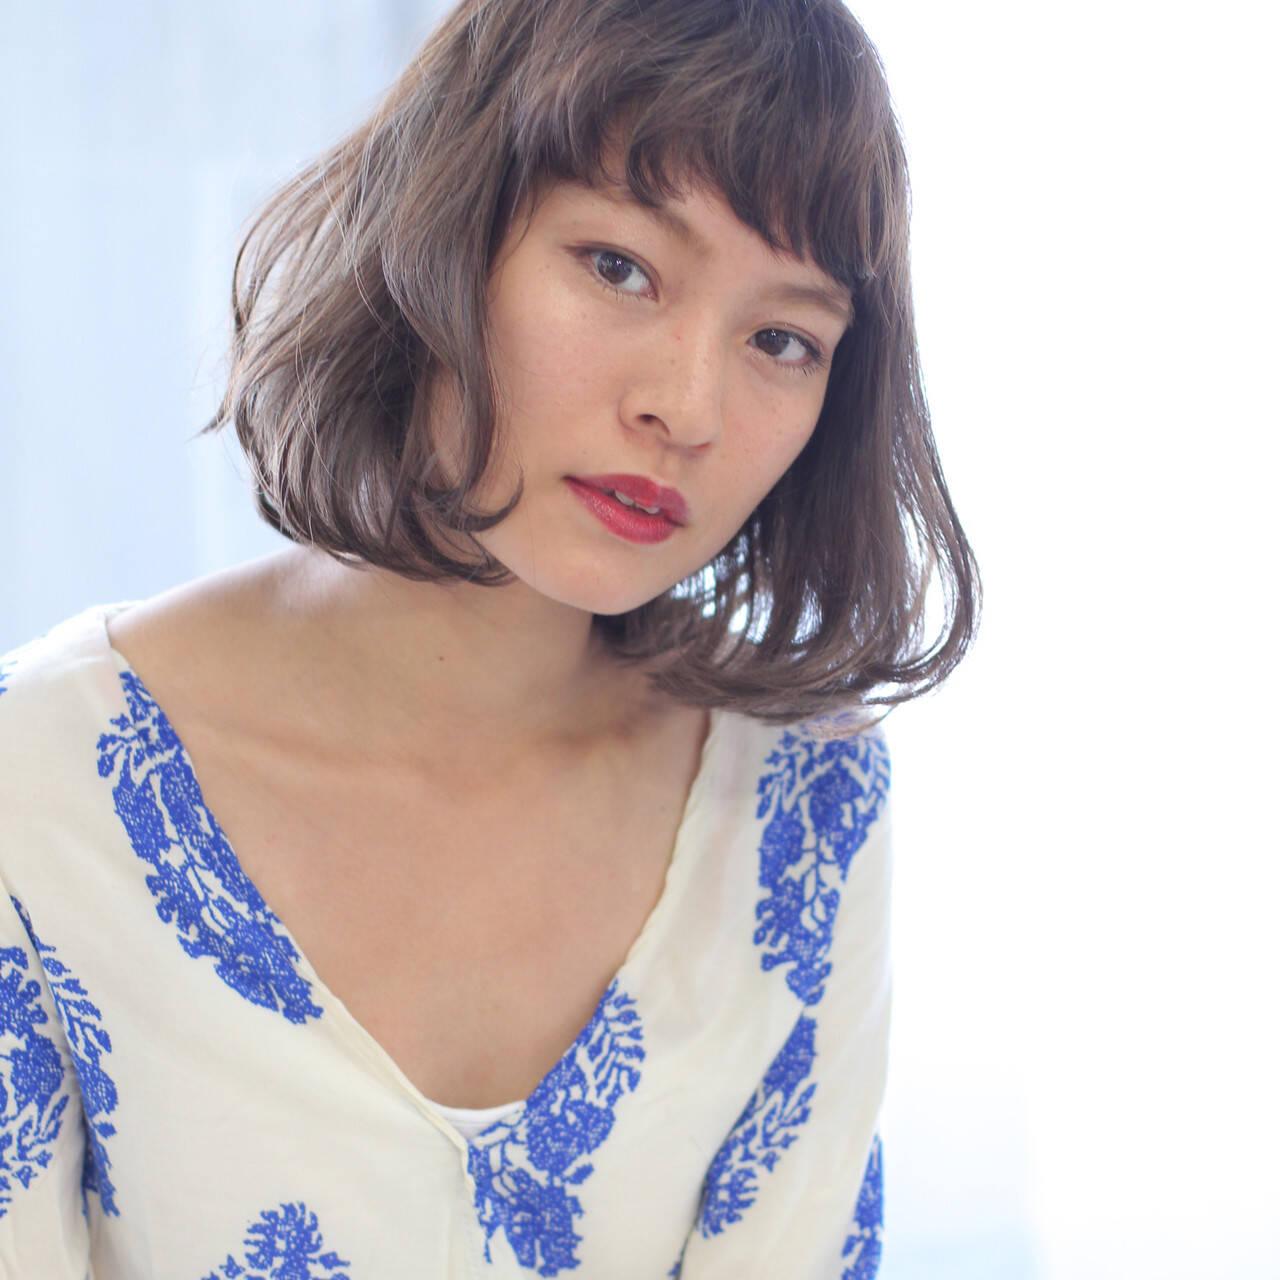 ヌーディーベージュ 前髪 デート ナチュラルベージュヘアスタイルや髪型の写真・画像